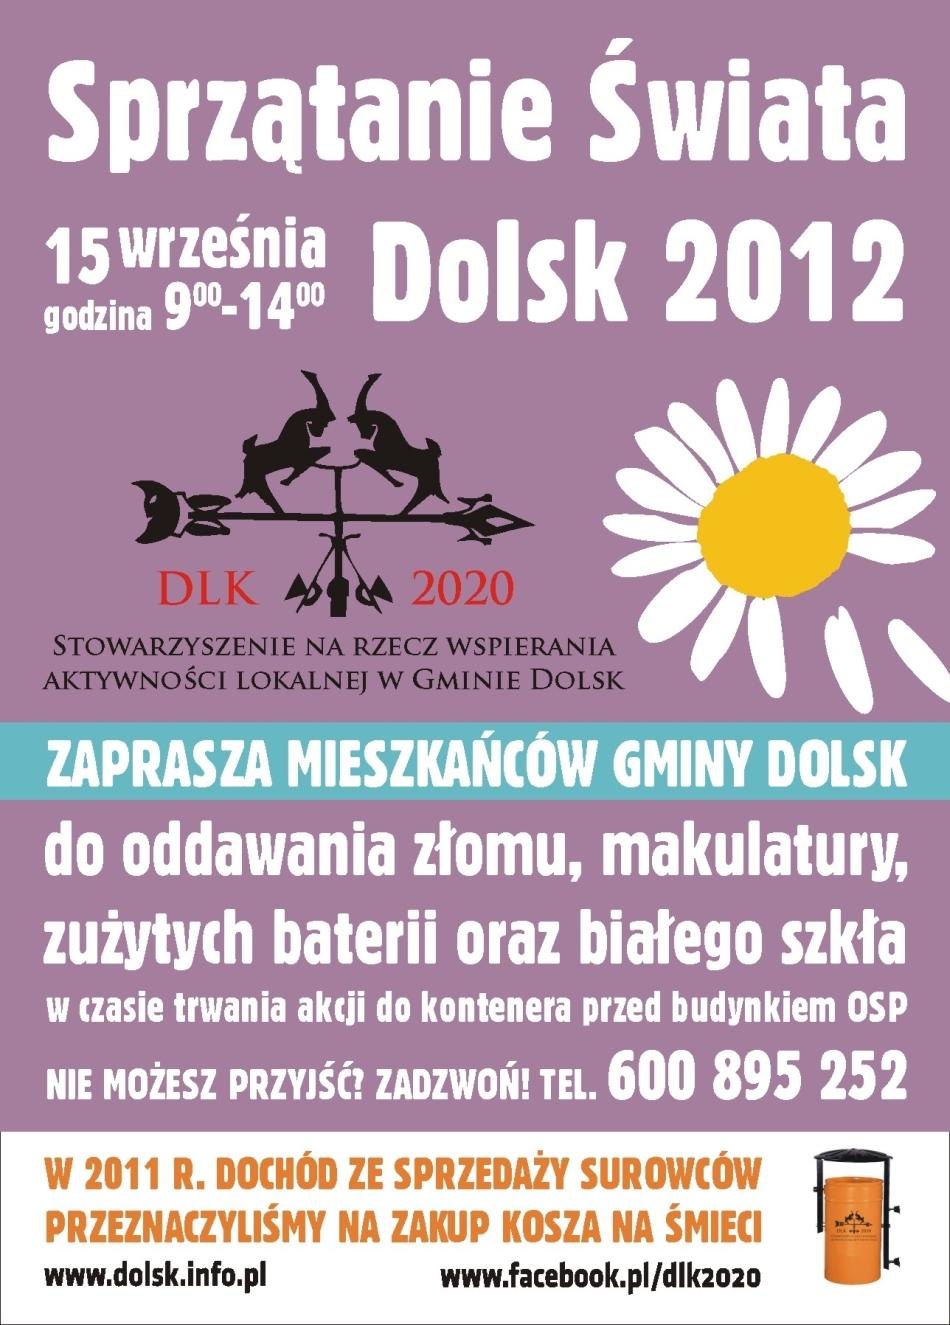 - sprzatanie_swiata_dolsk_2012_ulotka_1.jpg